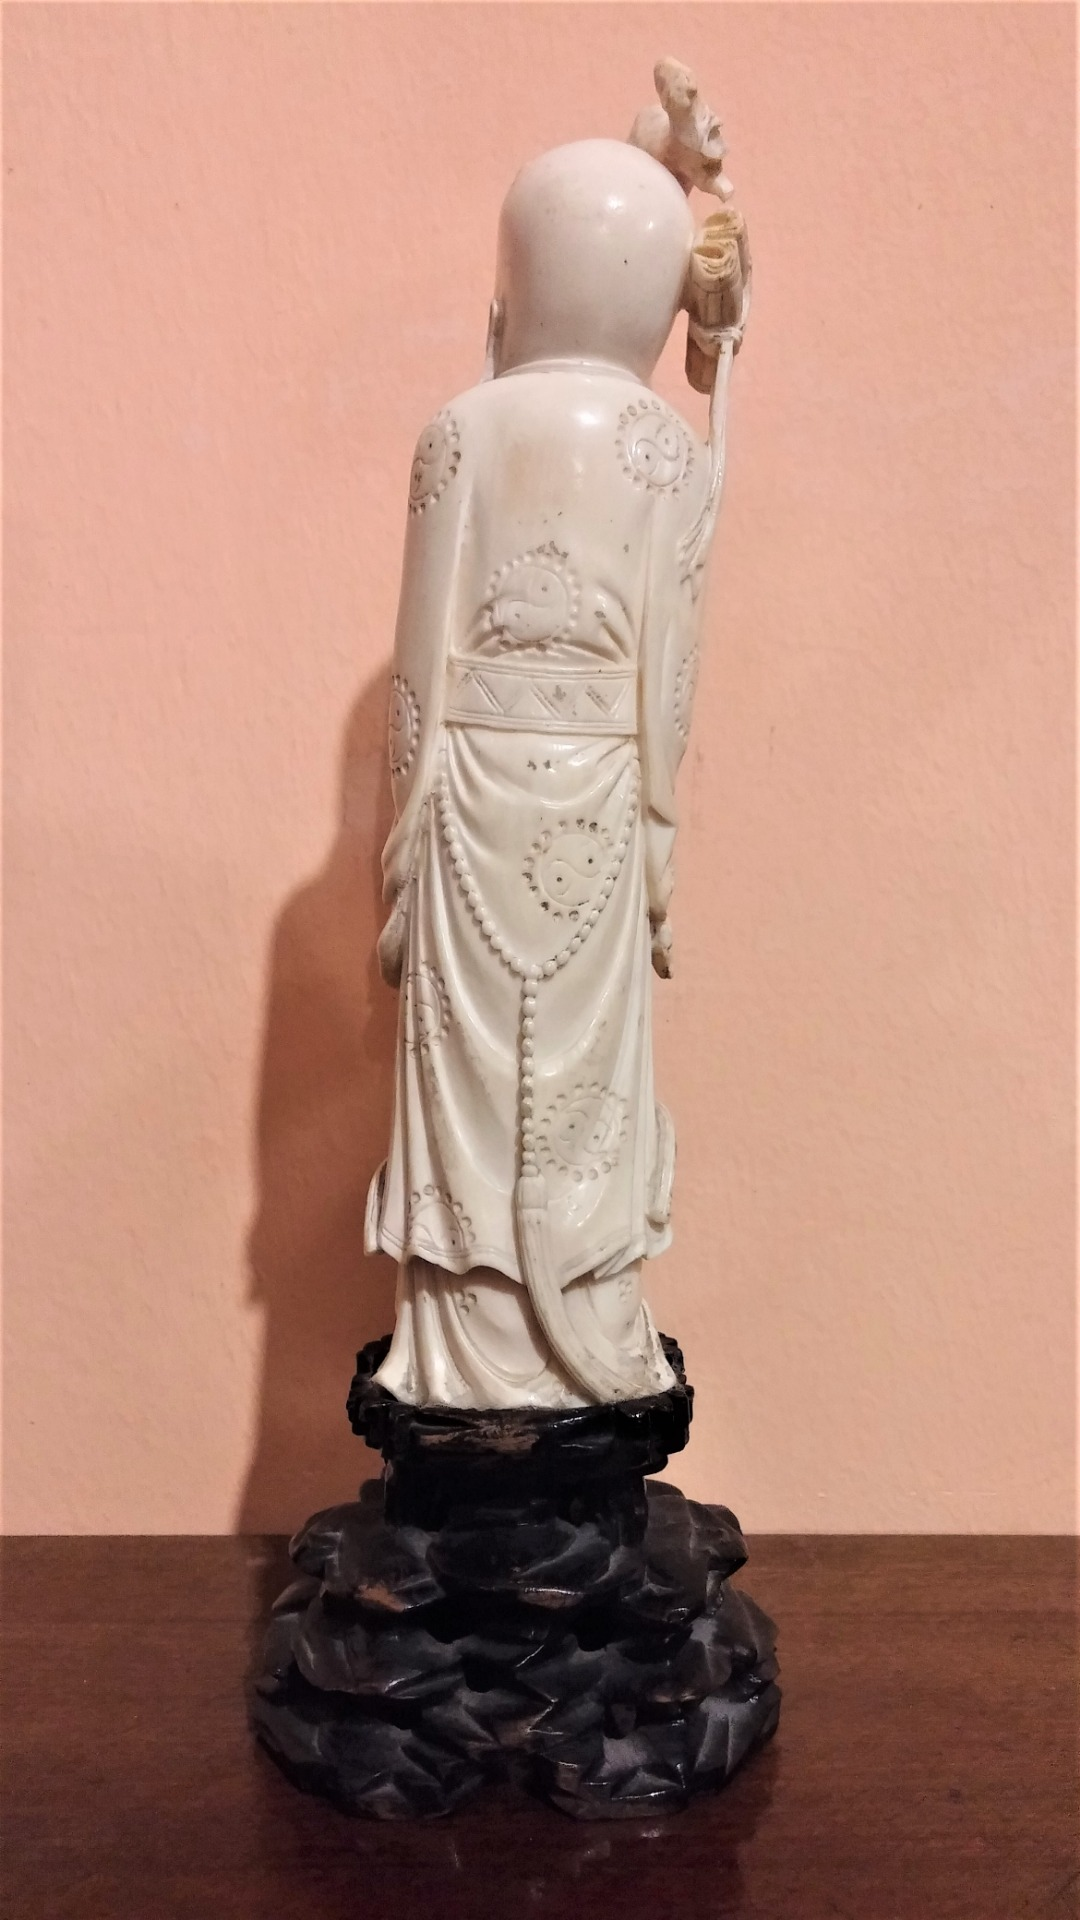 thumb4|Statuetta in avorio, saggio orientale, fine '800